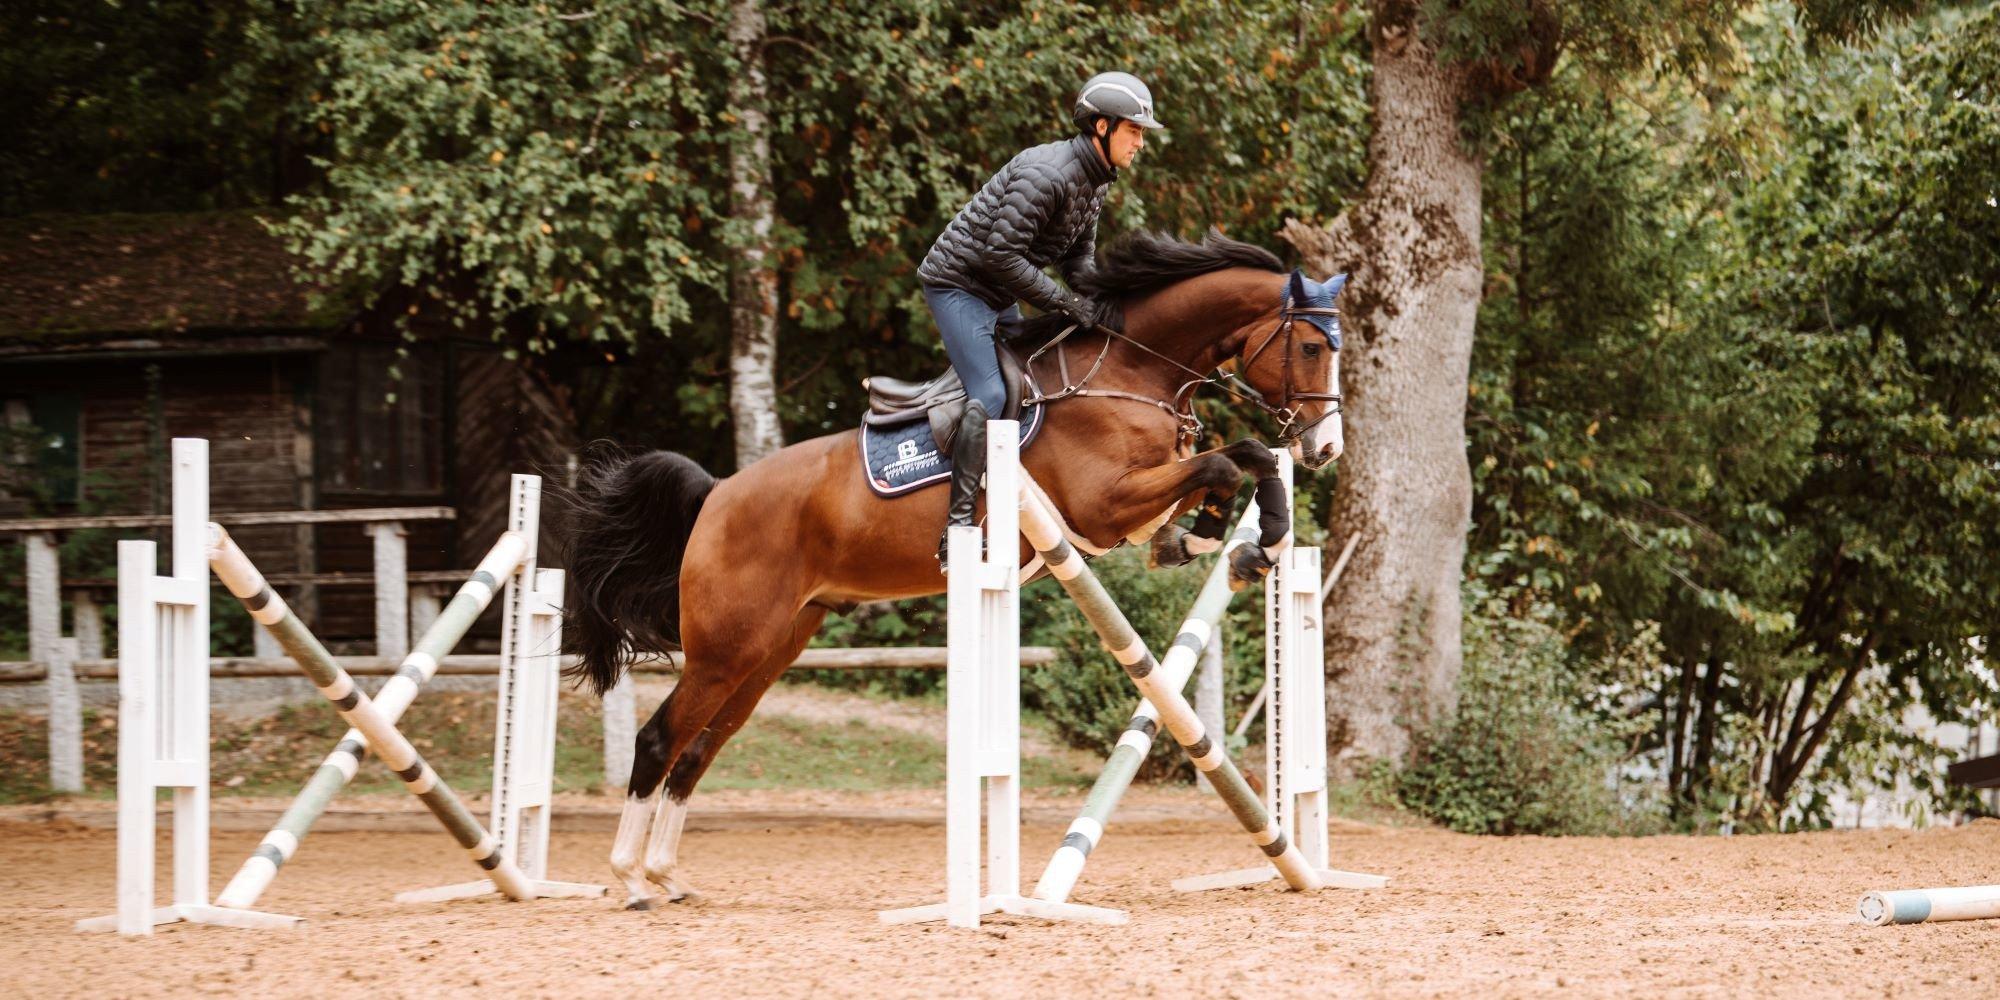 Springgymnastik: so nutzt du die Winterarbeit sinnvoll für dich und dein Pferd